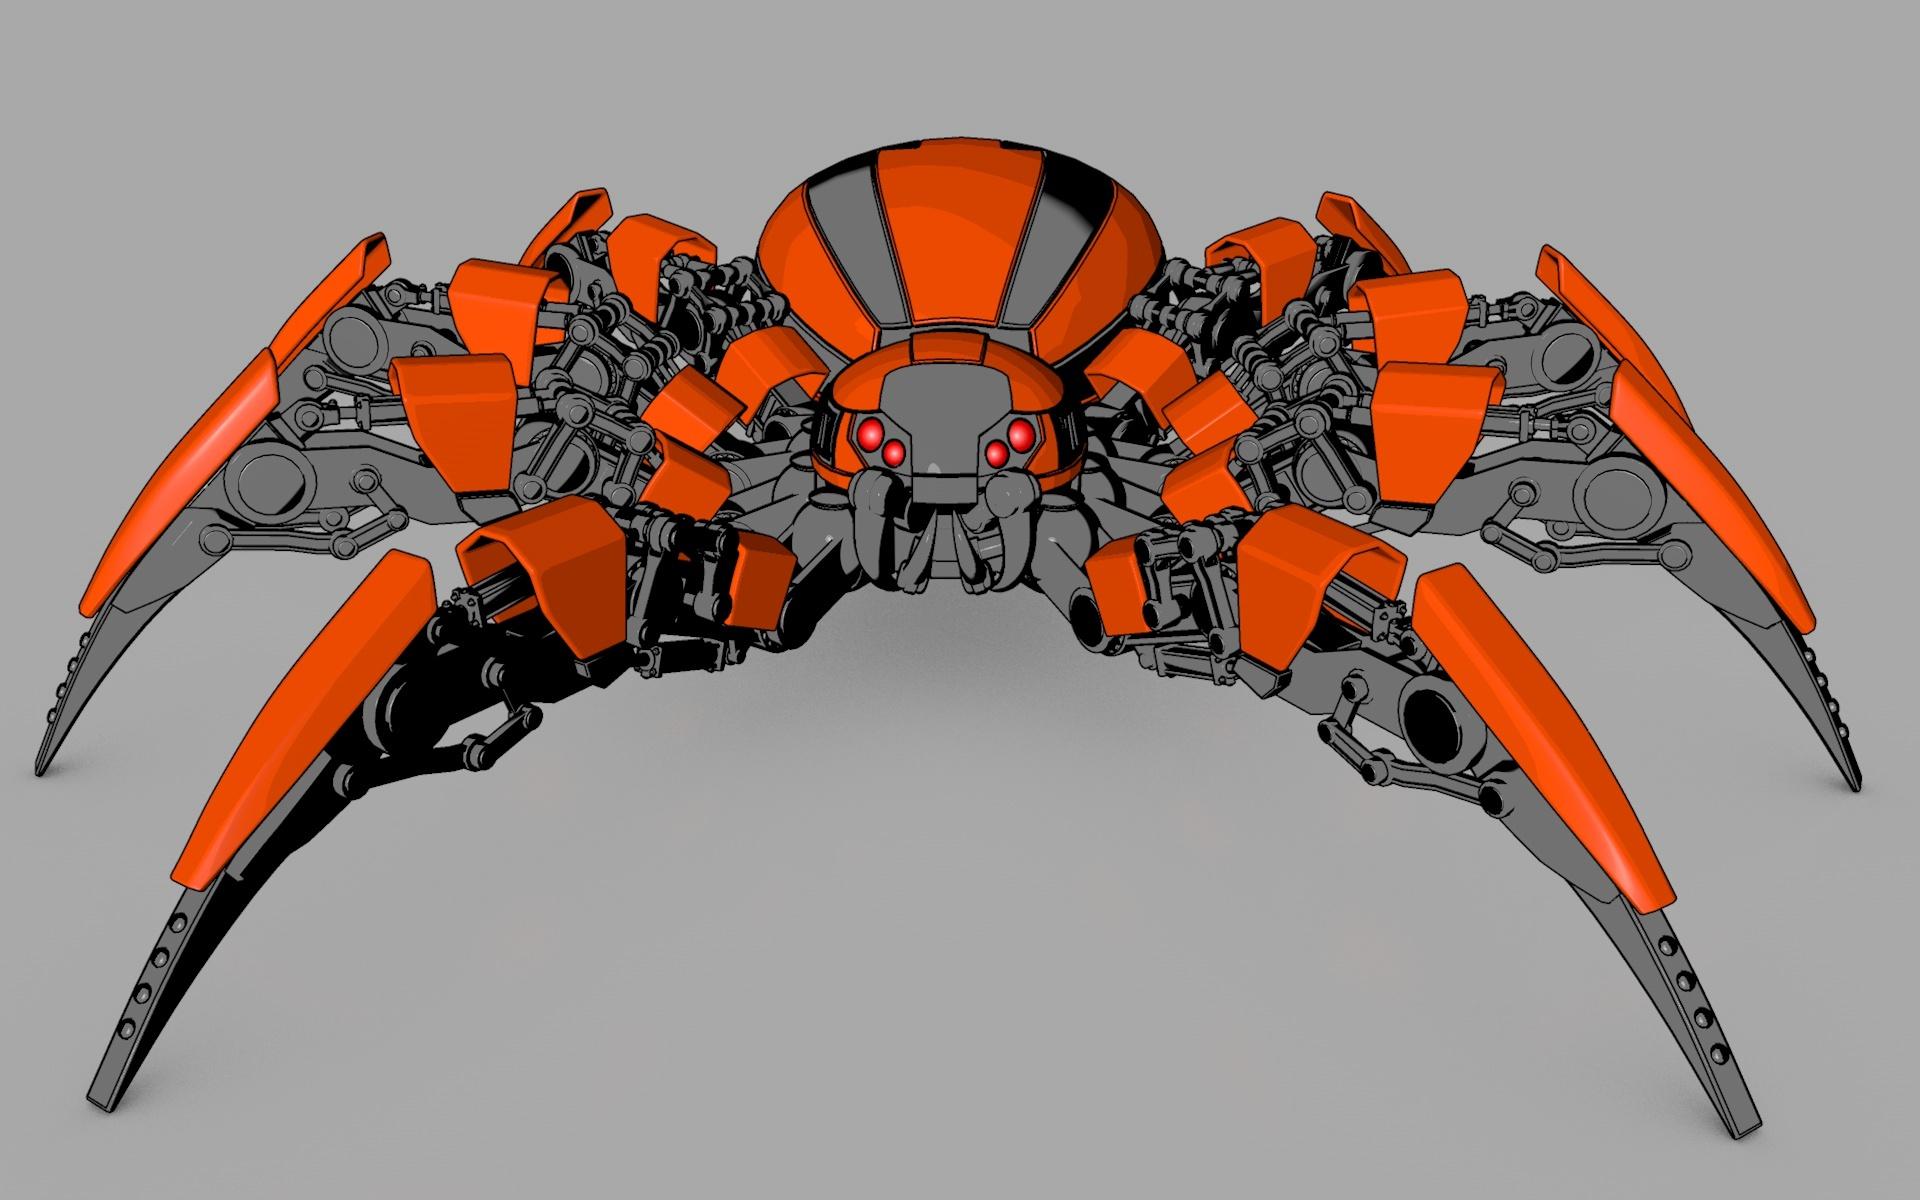 Spider Robot By Vladim00719 3docean